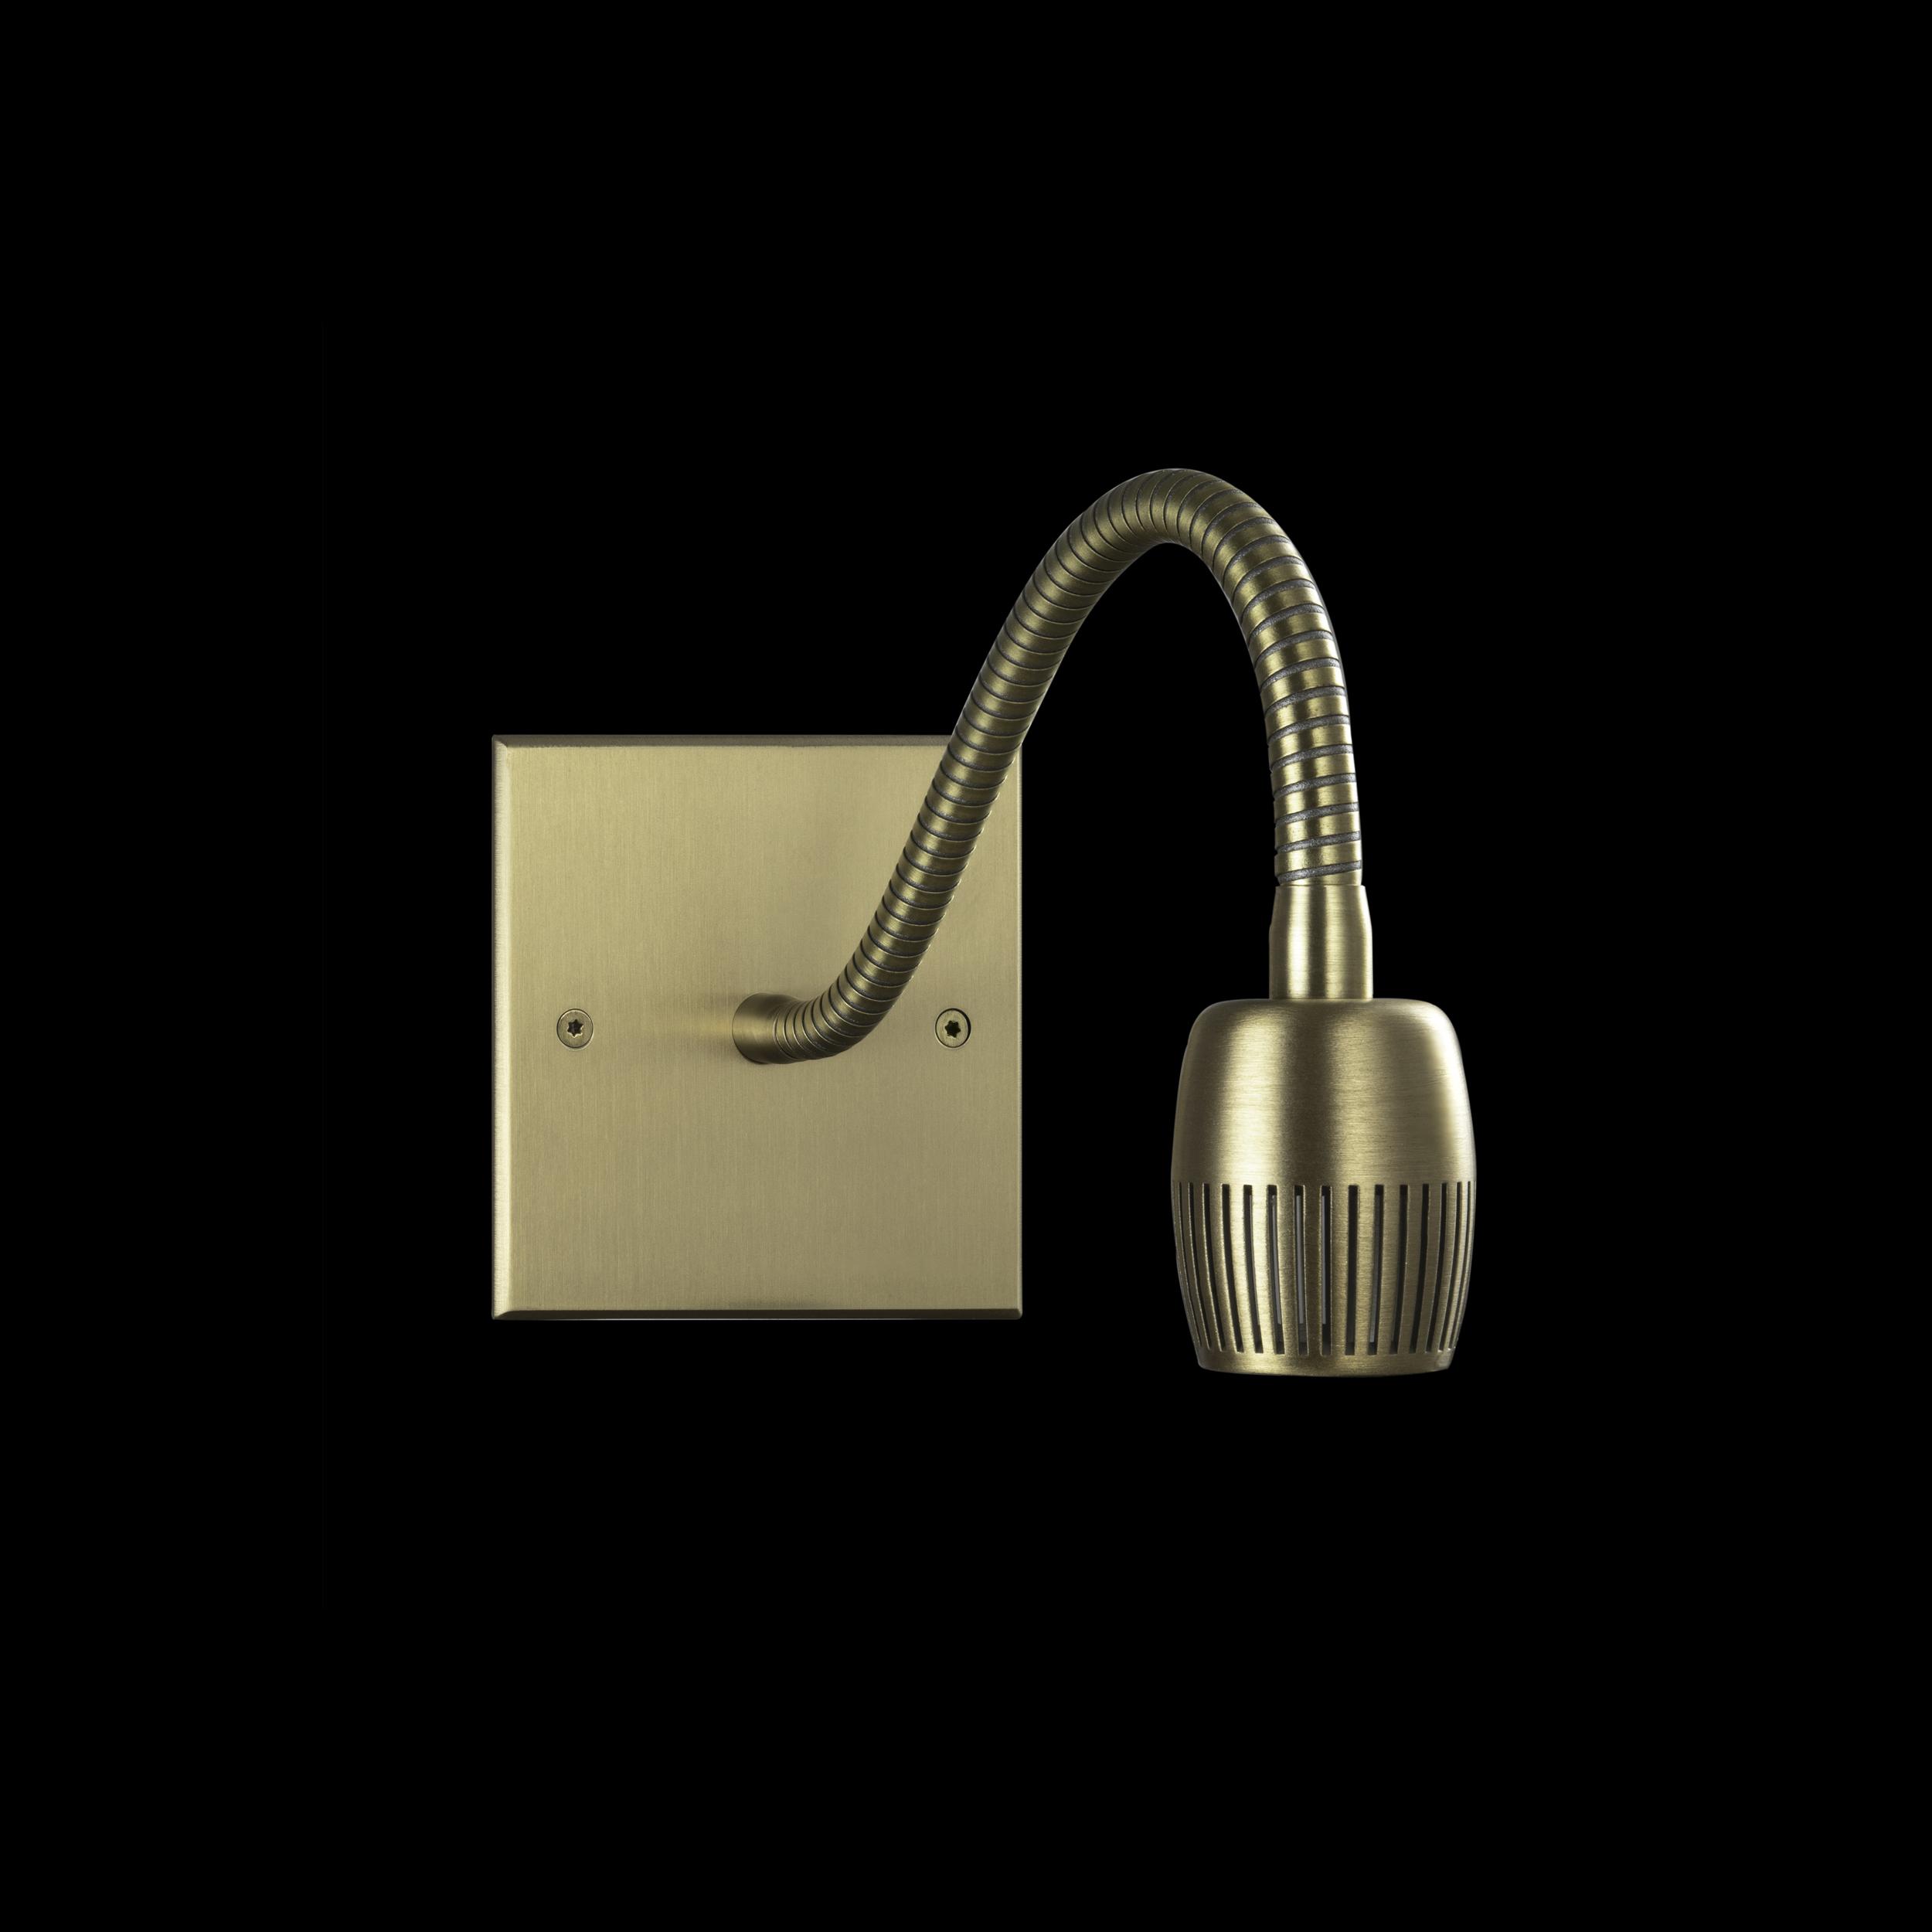 LB Brushed Brass patina